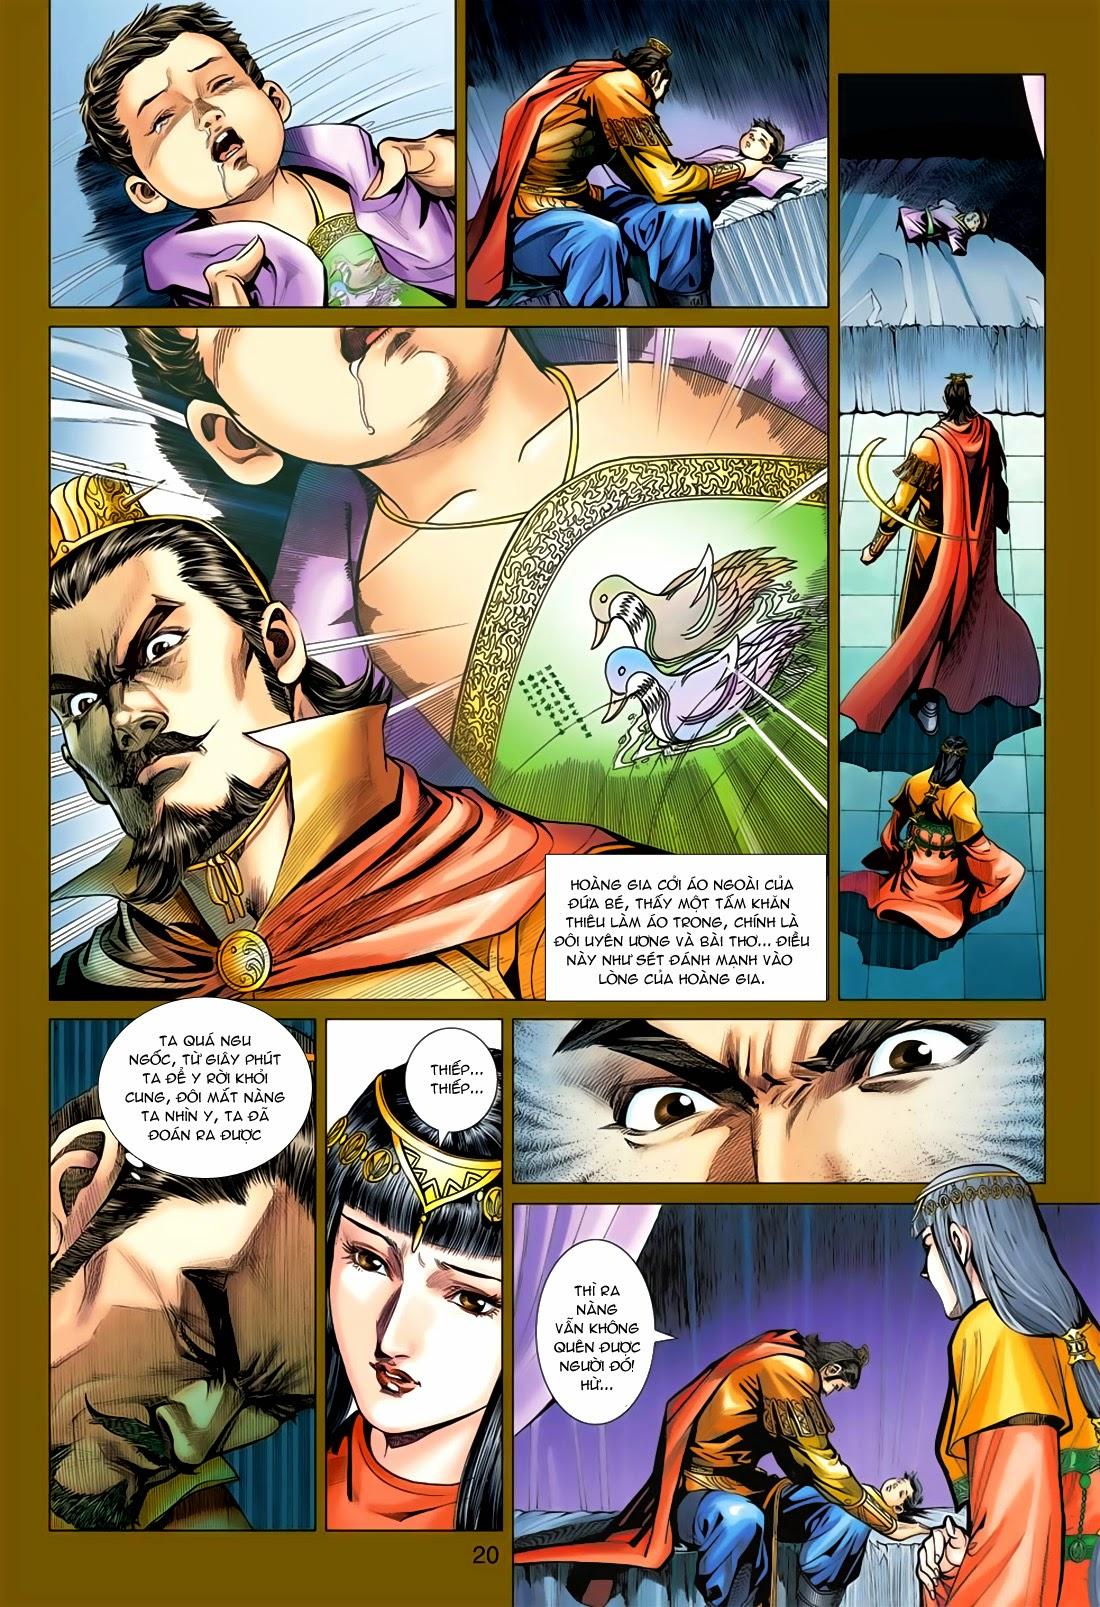 Anh Hùng Xạ Điêu anh hùng xạ đêu chap 78: sát anh trang 20